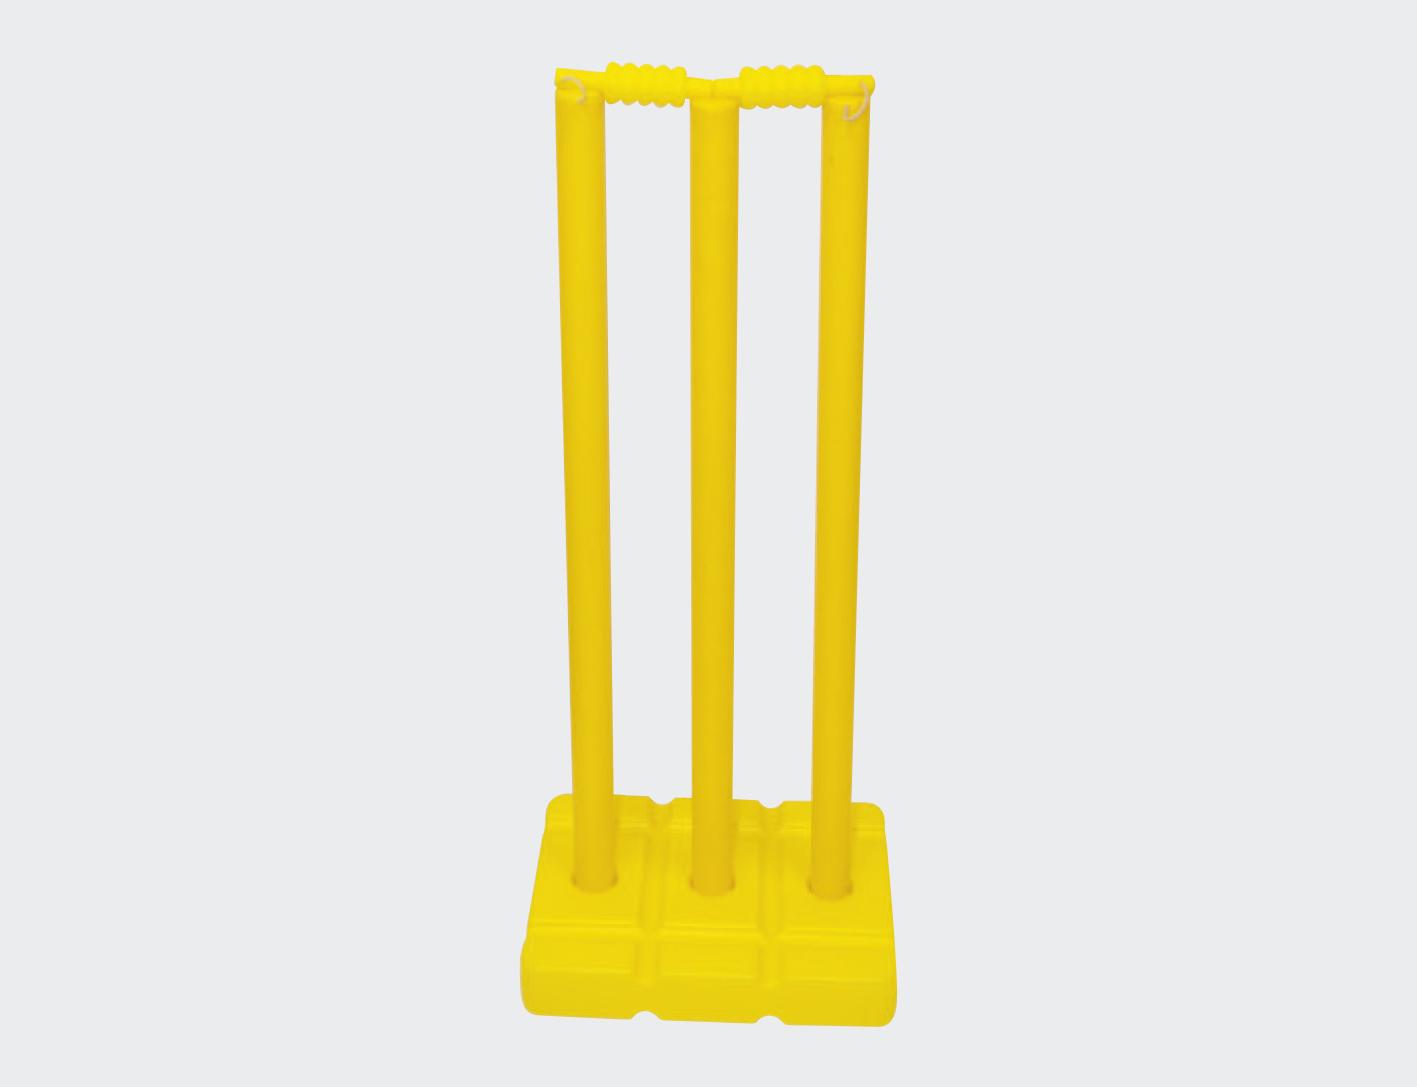 Cricket Sumps